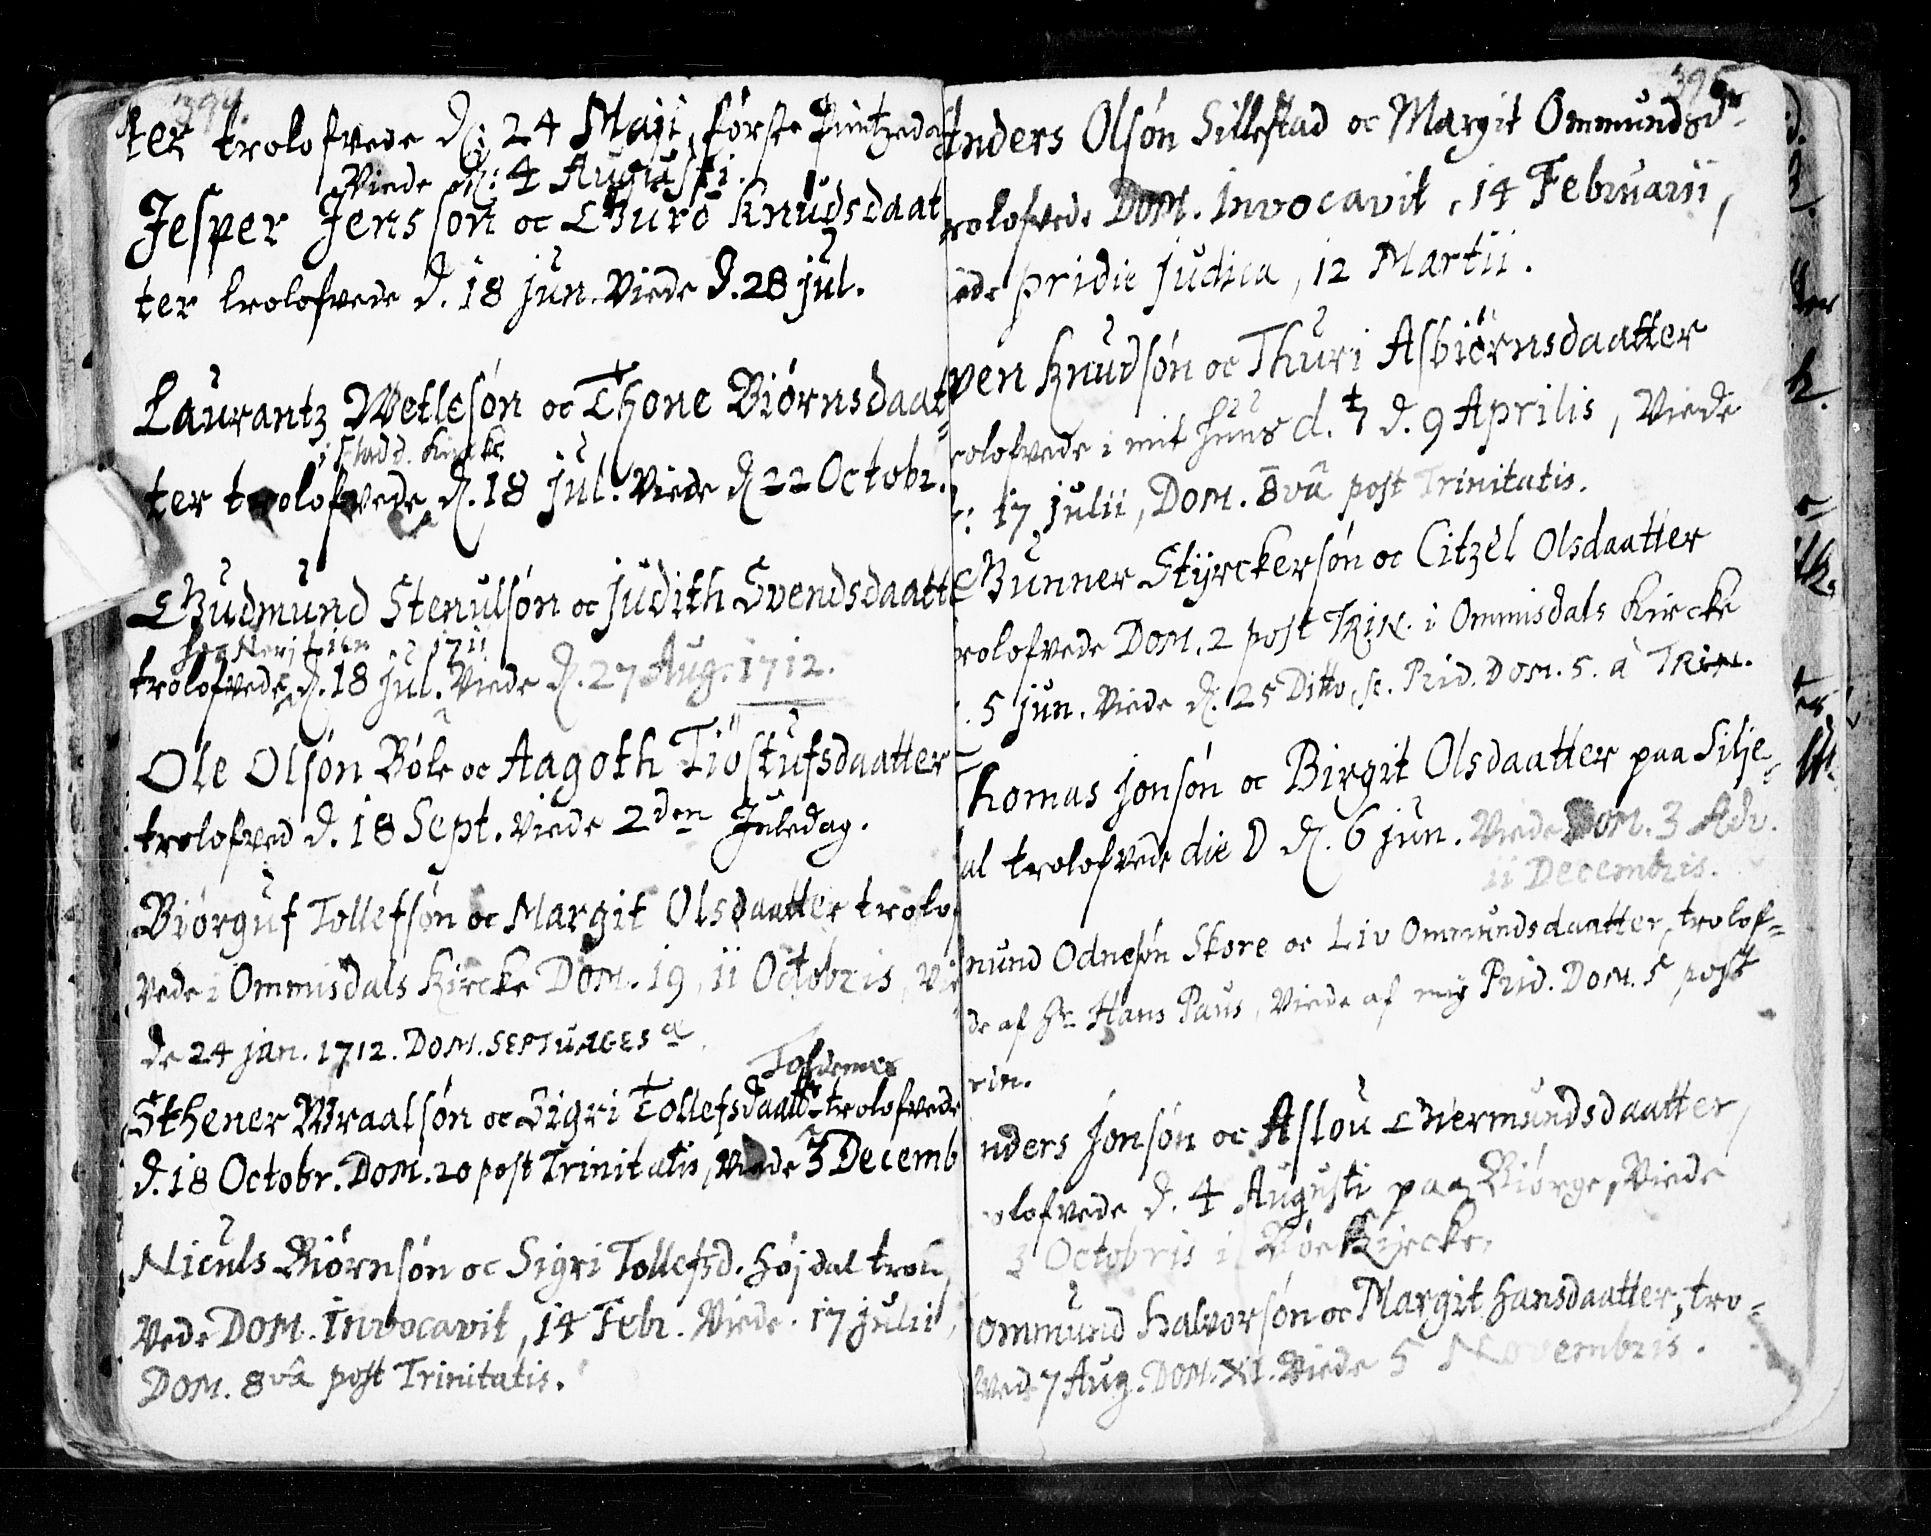 SAKO, Seljord kirkebøker, F/Fa/L0002: Ministerialbok nr. I 2, 1689-1713, s. 394-395